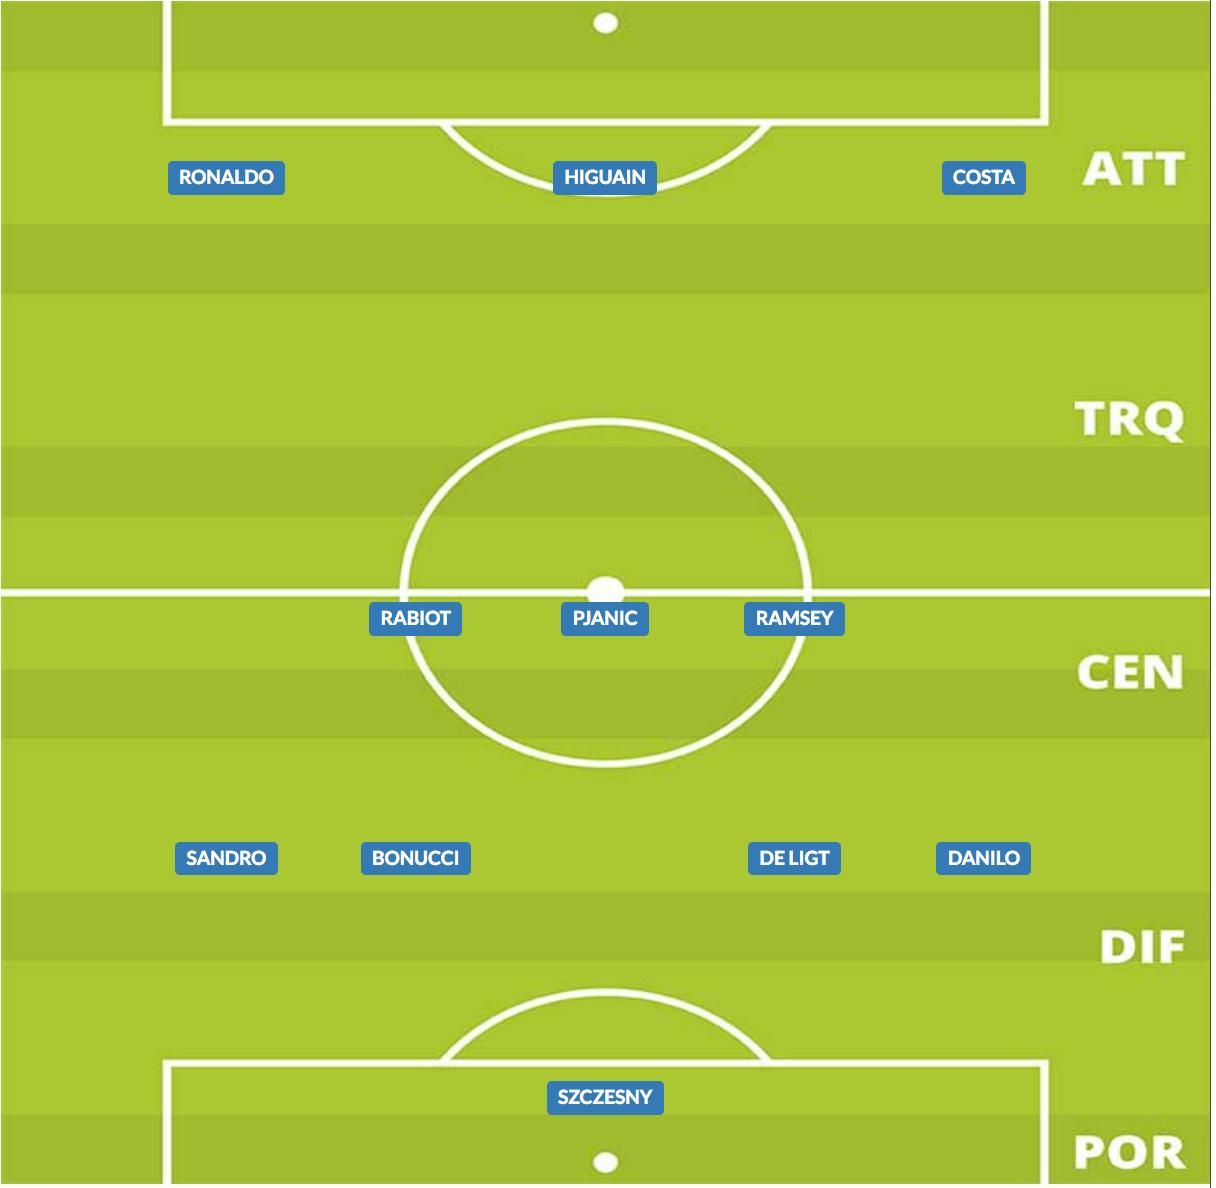 probabile formazione juventus stagione 2019/20